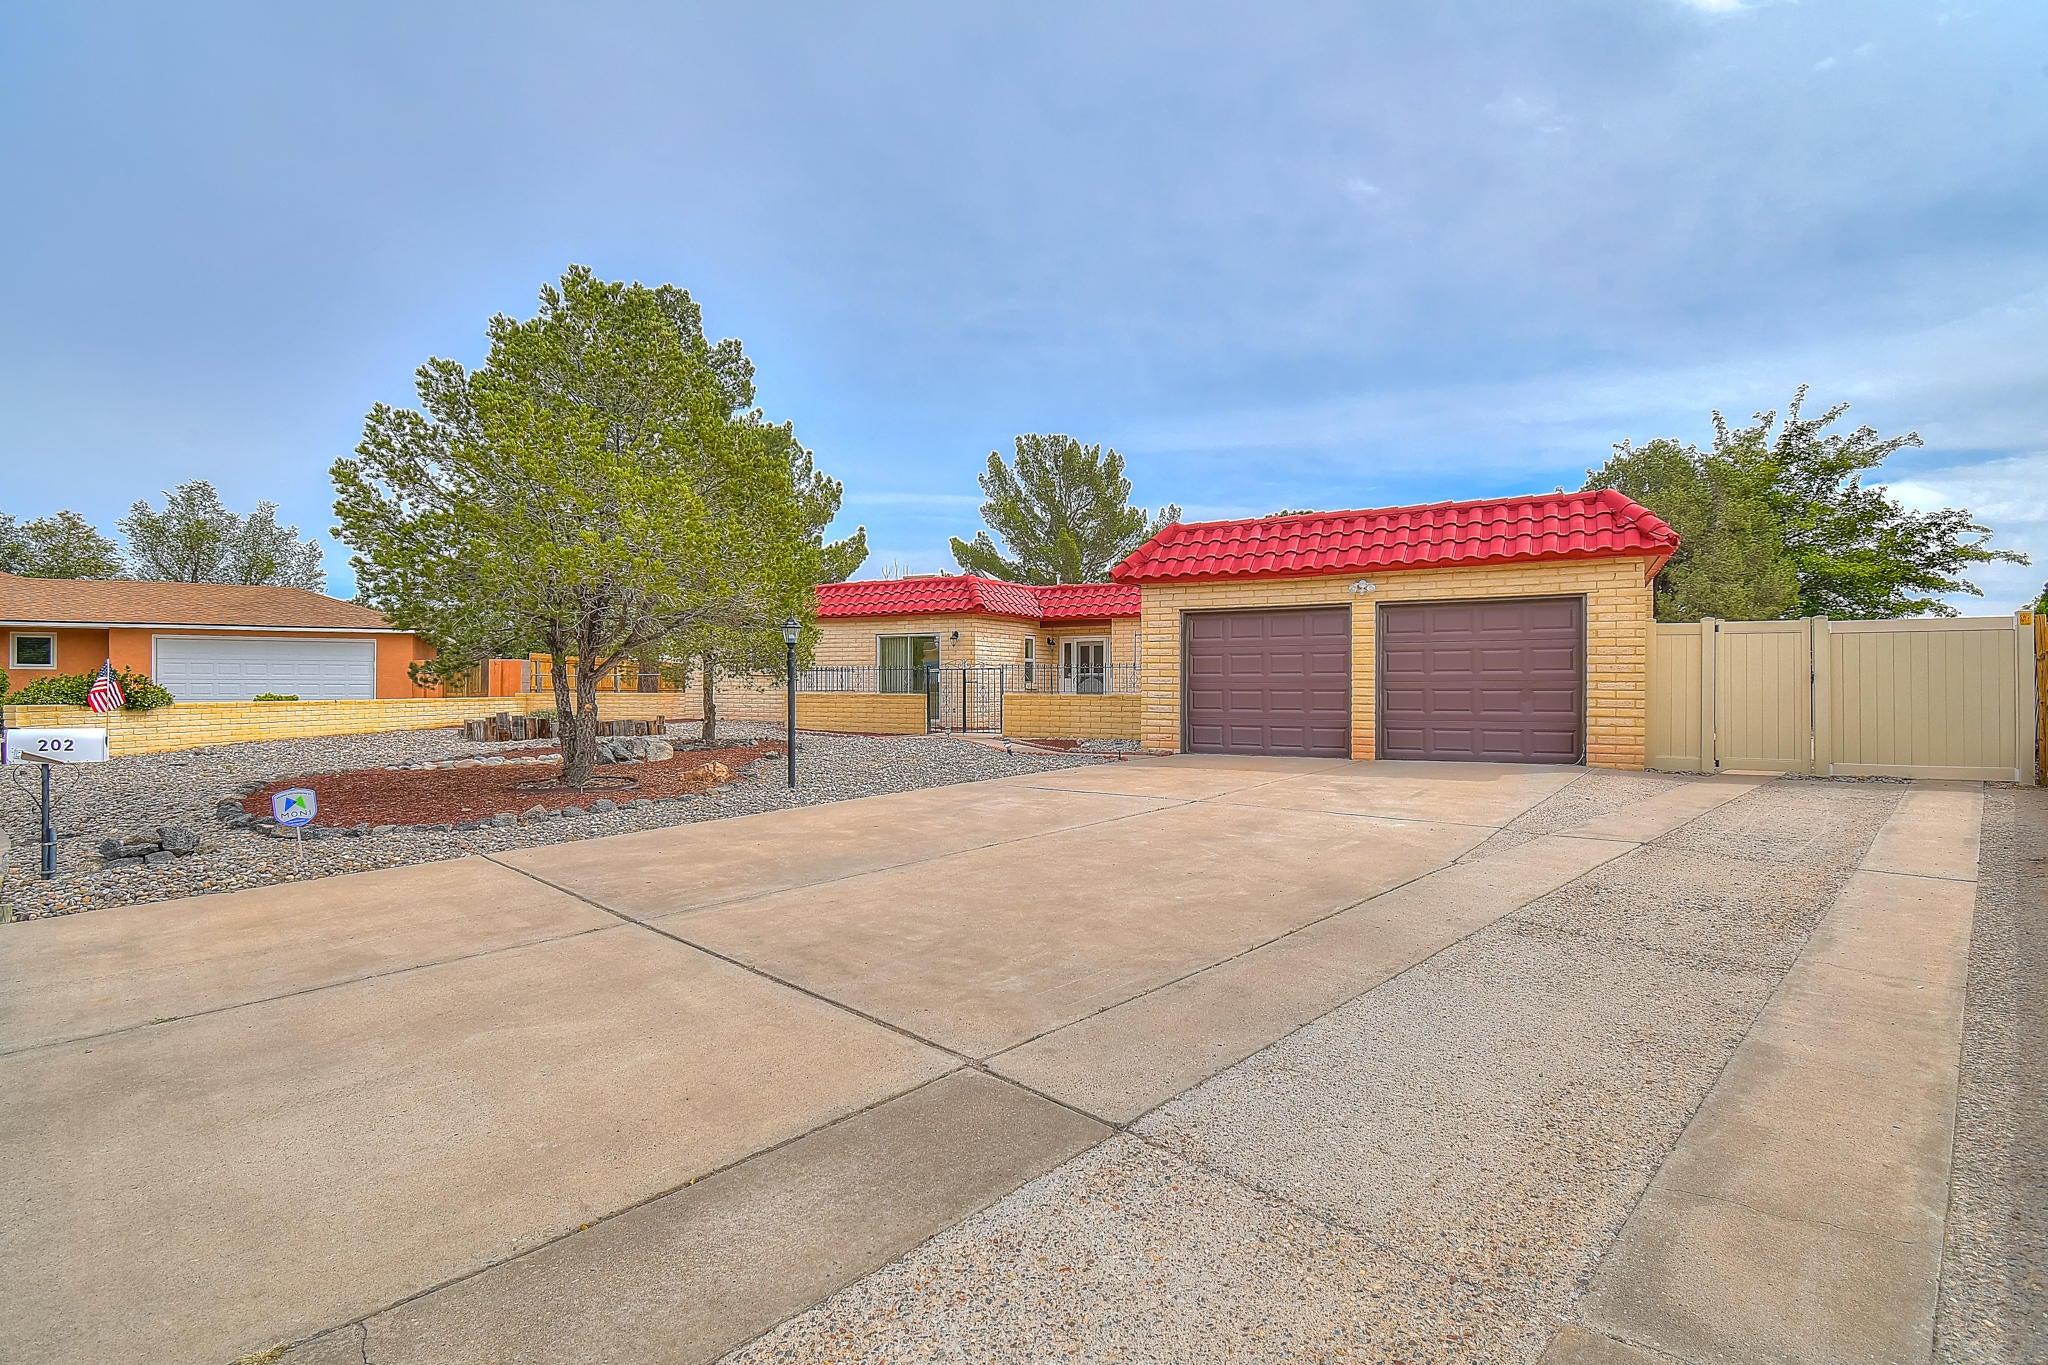 202 SE Cabeza Negra Court, Rio Rancho in Sandoval County, NM 87124 Home for Sale